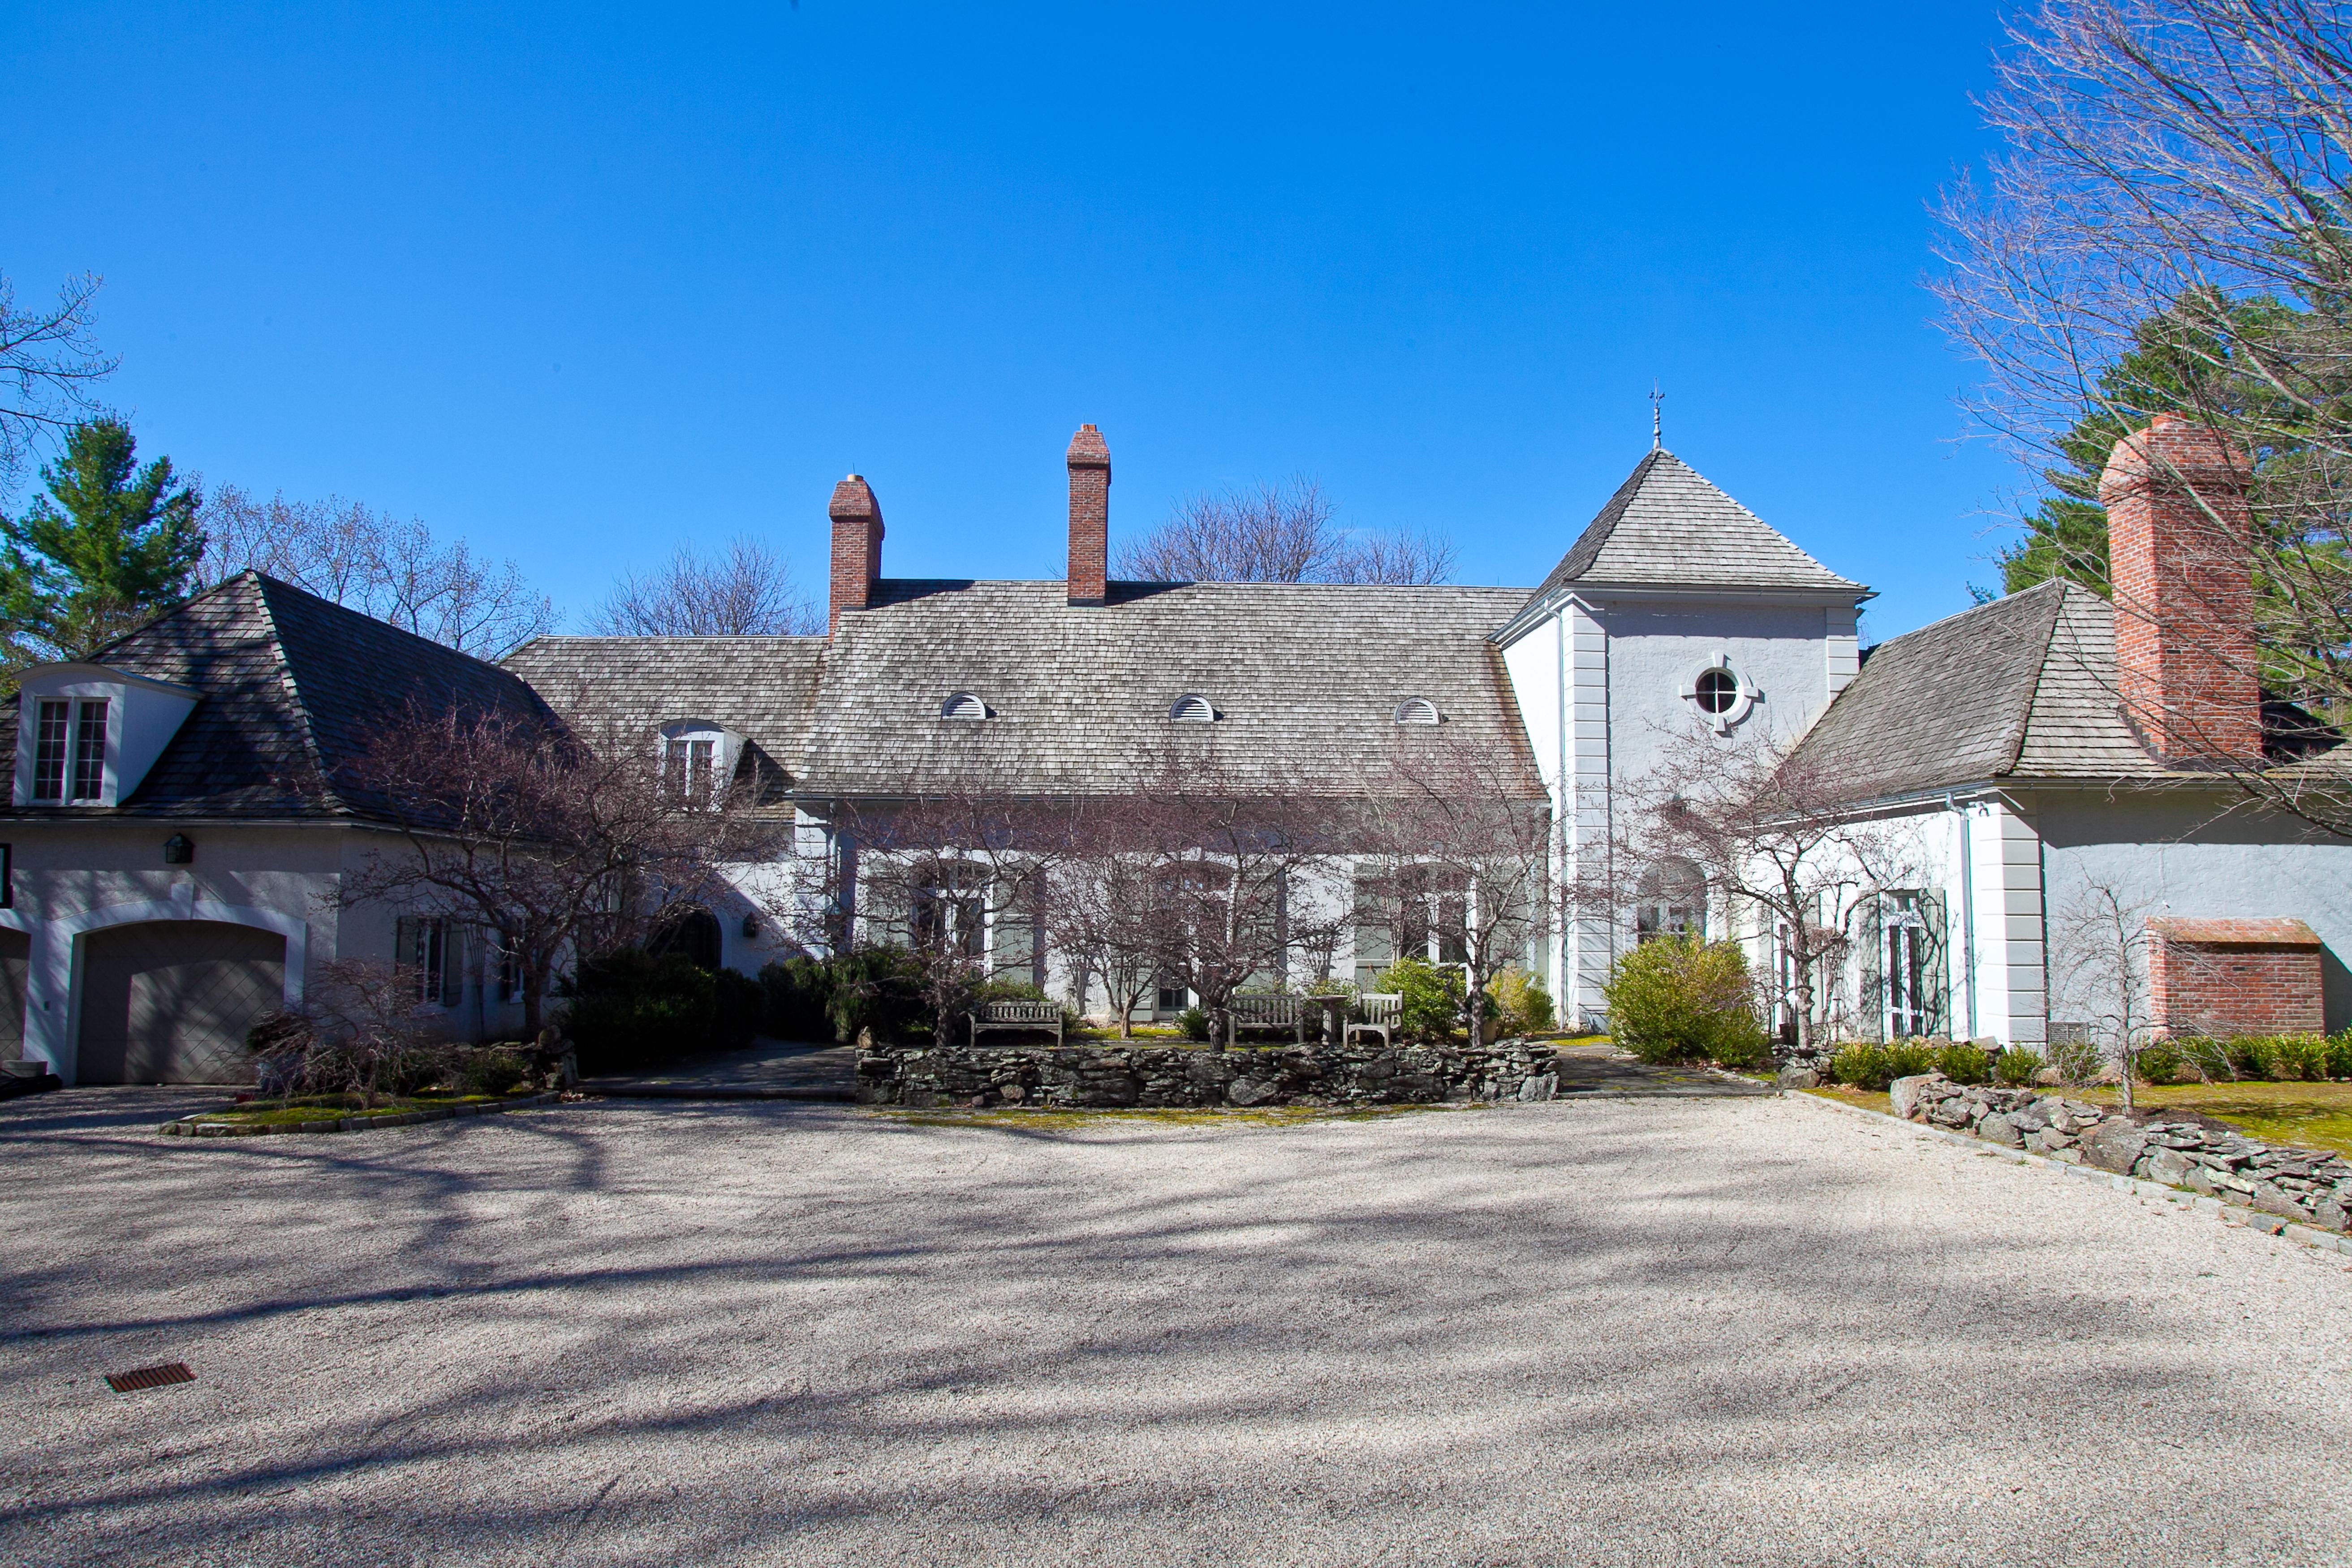 独户住宅 为 销售 在 Sugar Hill 85 Sugar Hill Rd 索尔茨伯里市, 康涅狄格州, 06068 美国